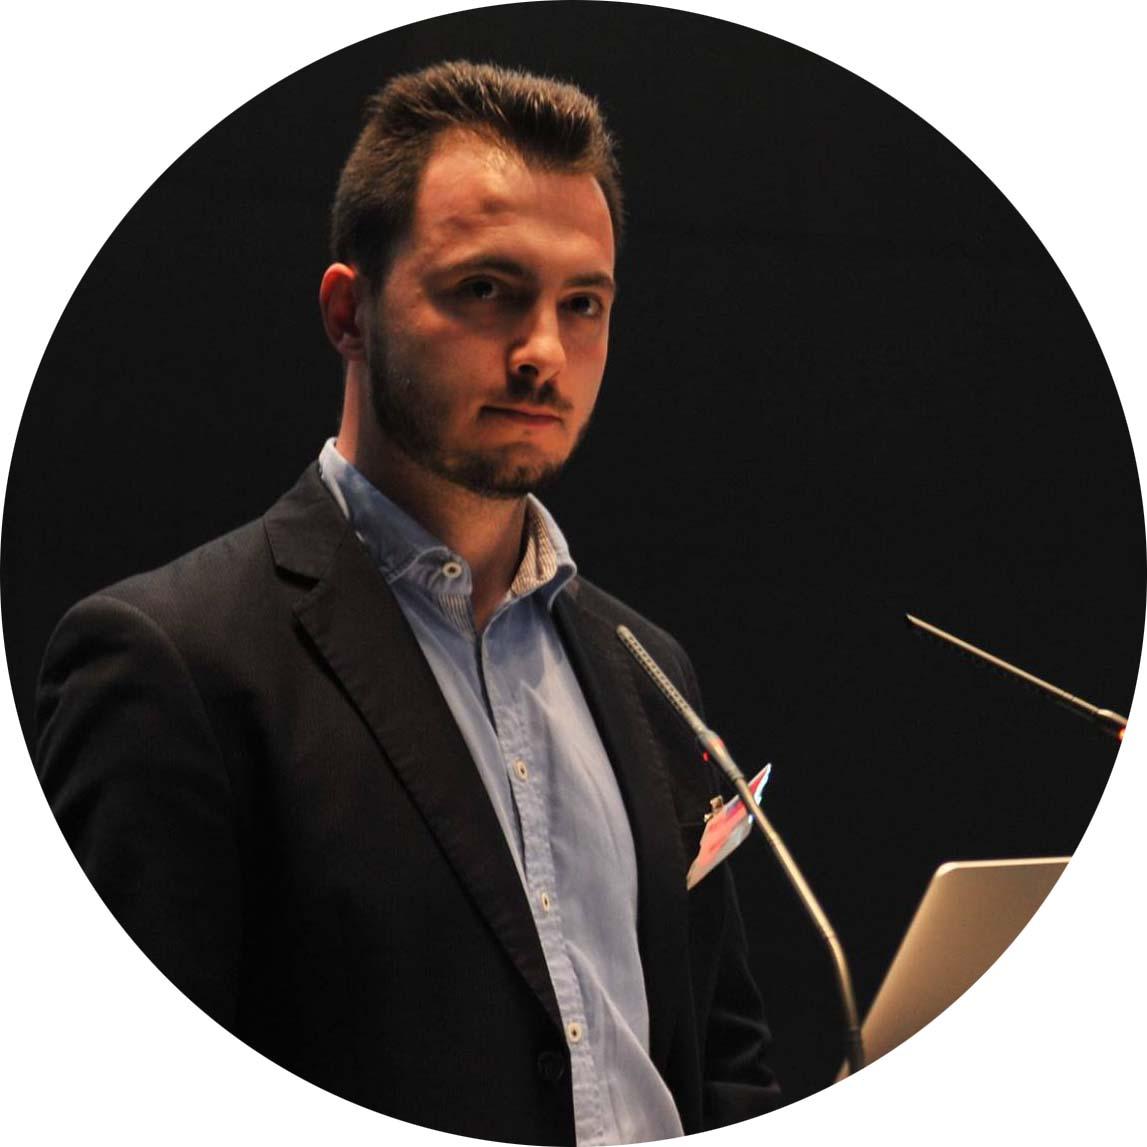 Marco Aggravi